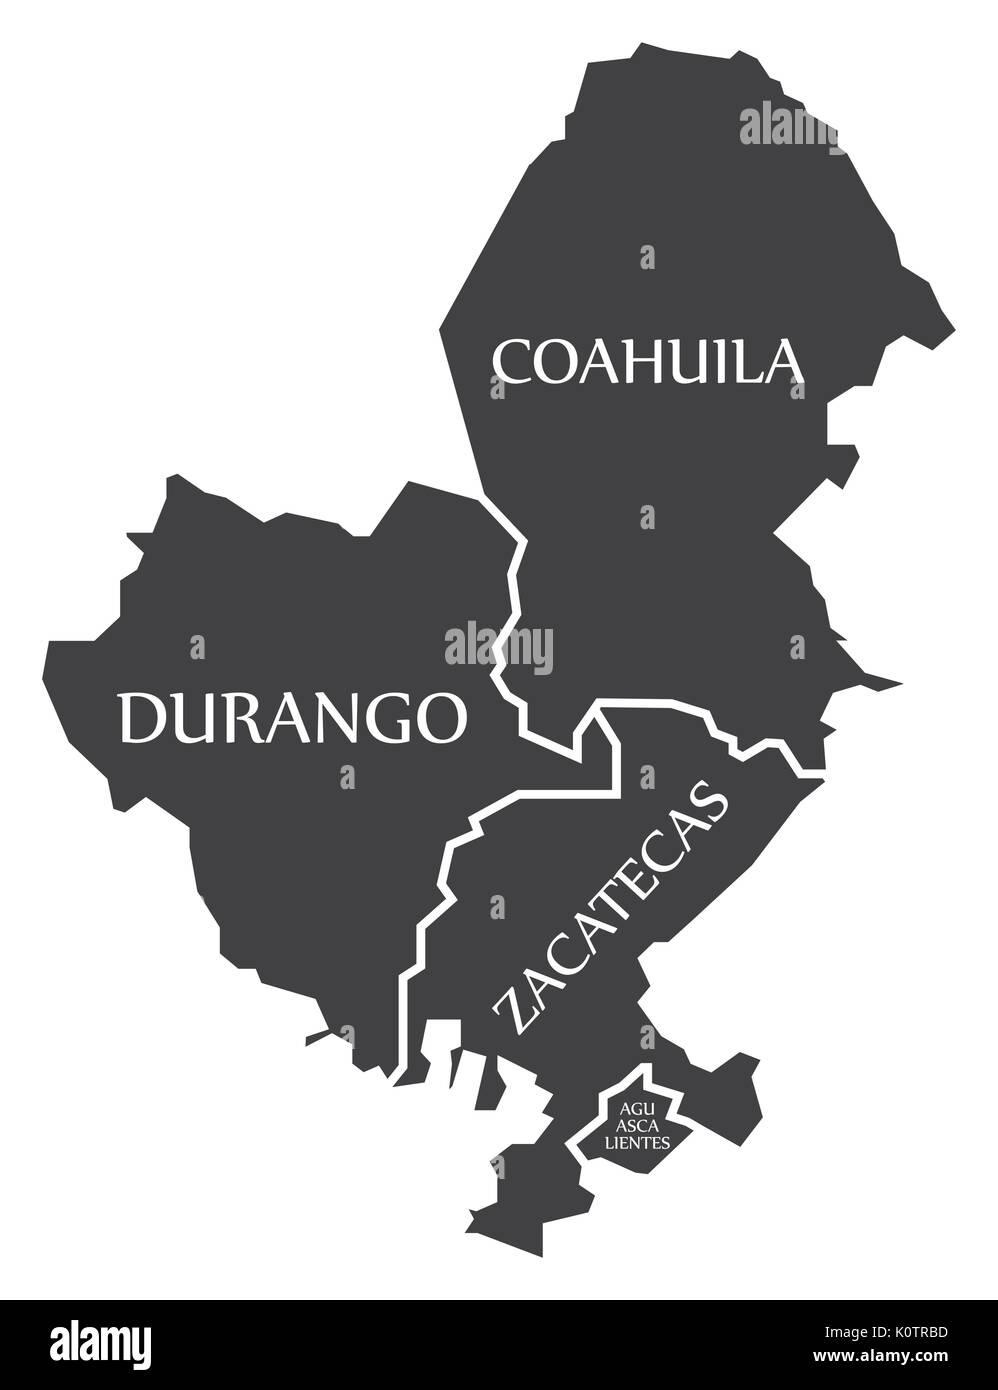 Durango Coahuila Zacatecas Aguascalientes Map Mexico Stock